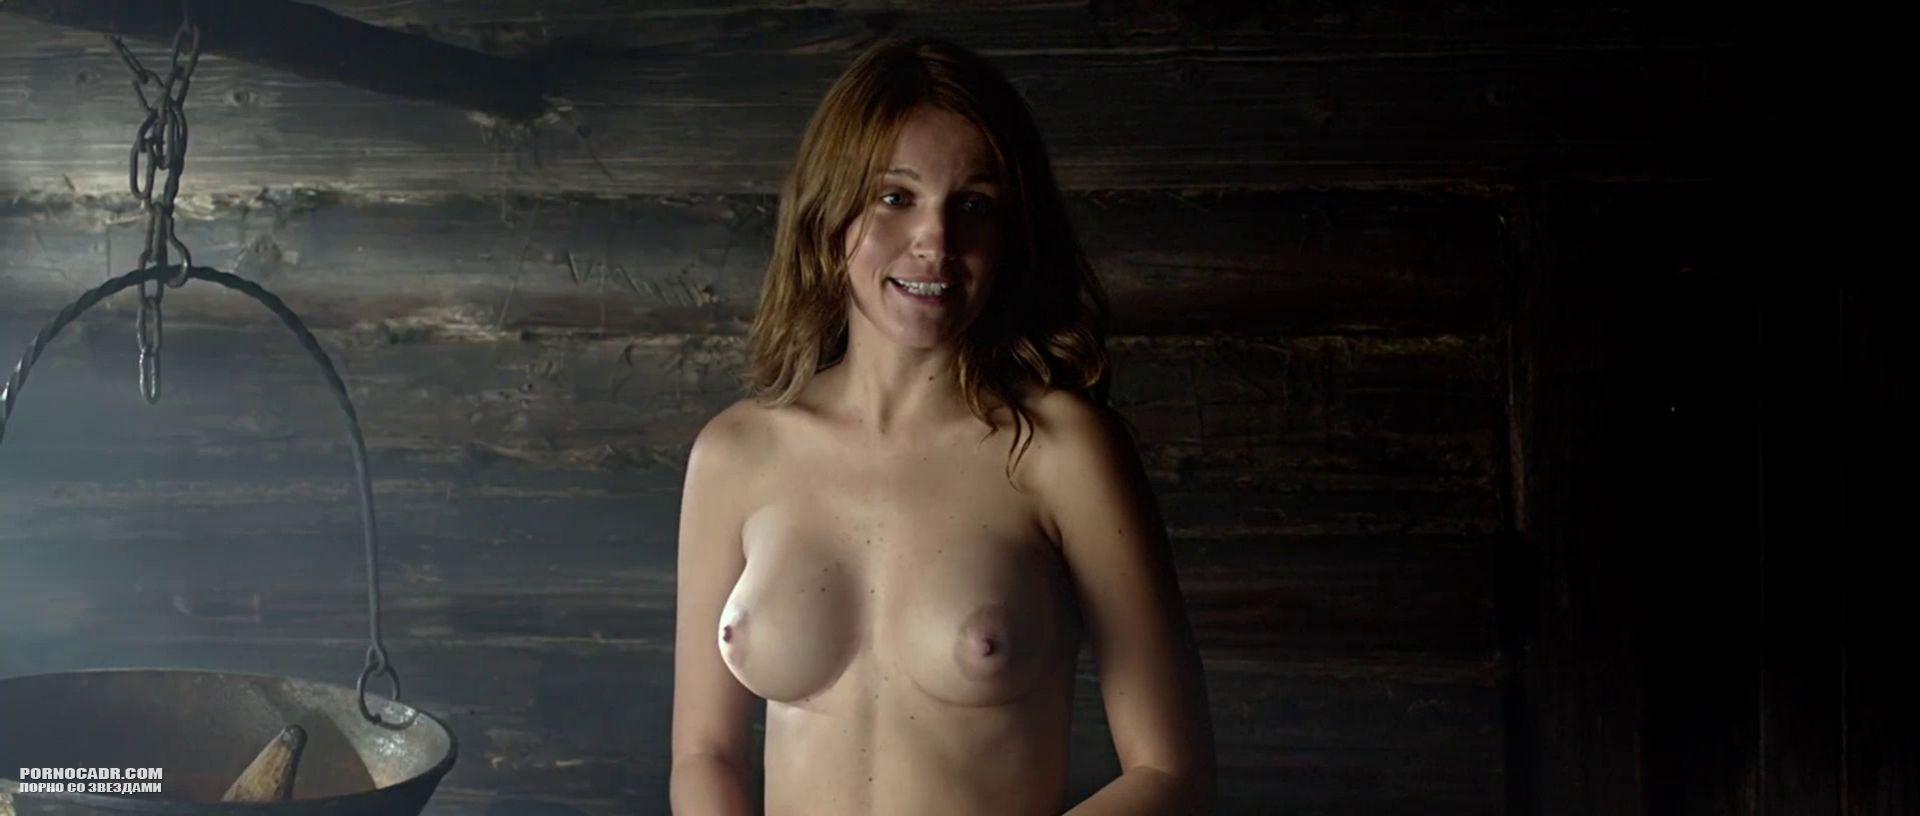 Екатерина вилкова эро сцены, смотреть порно большие попки азиаток